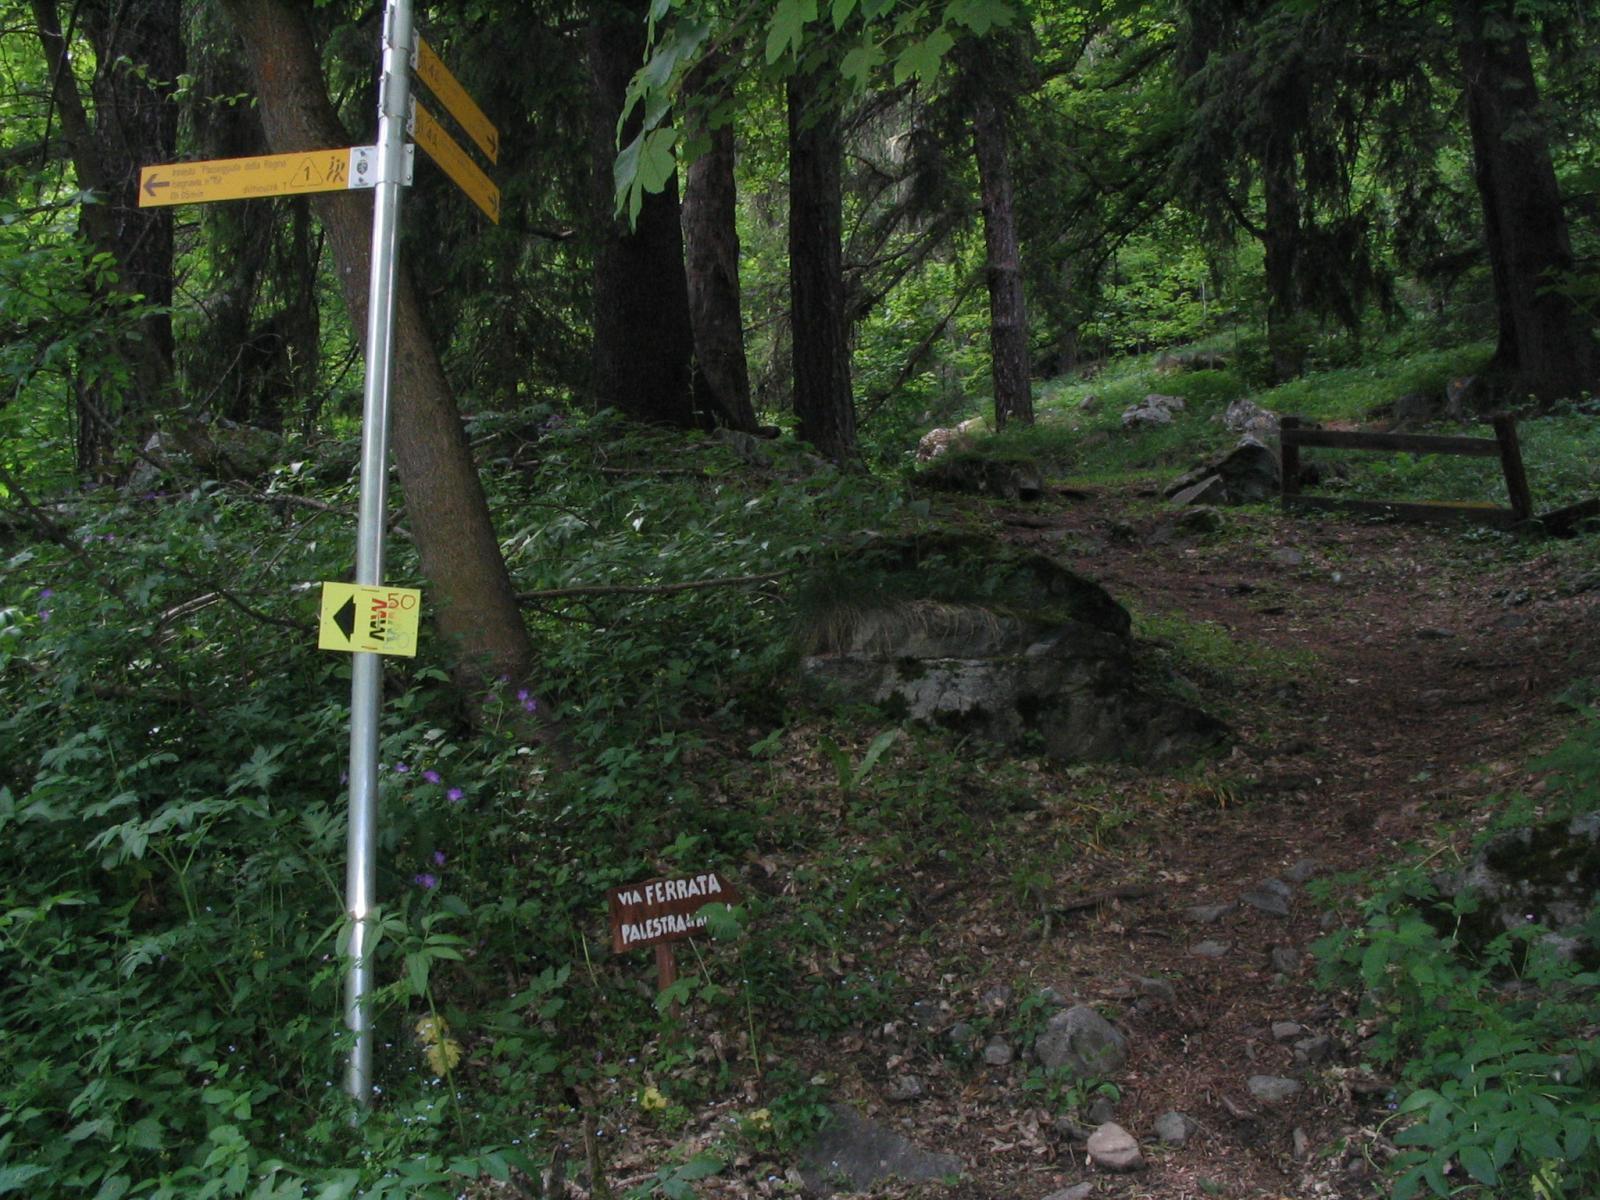 primo cartello da seguire, appena oltre il laghetto